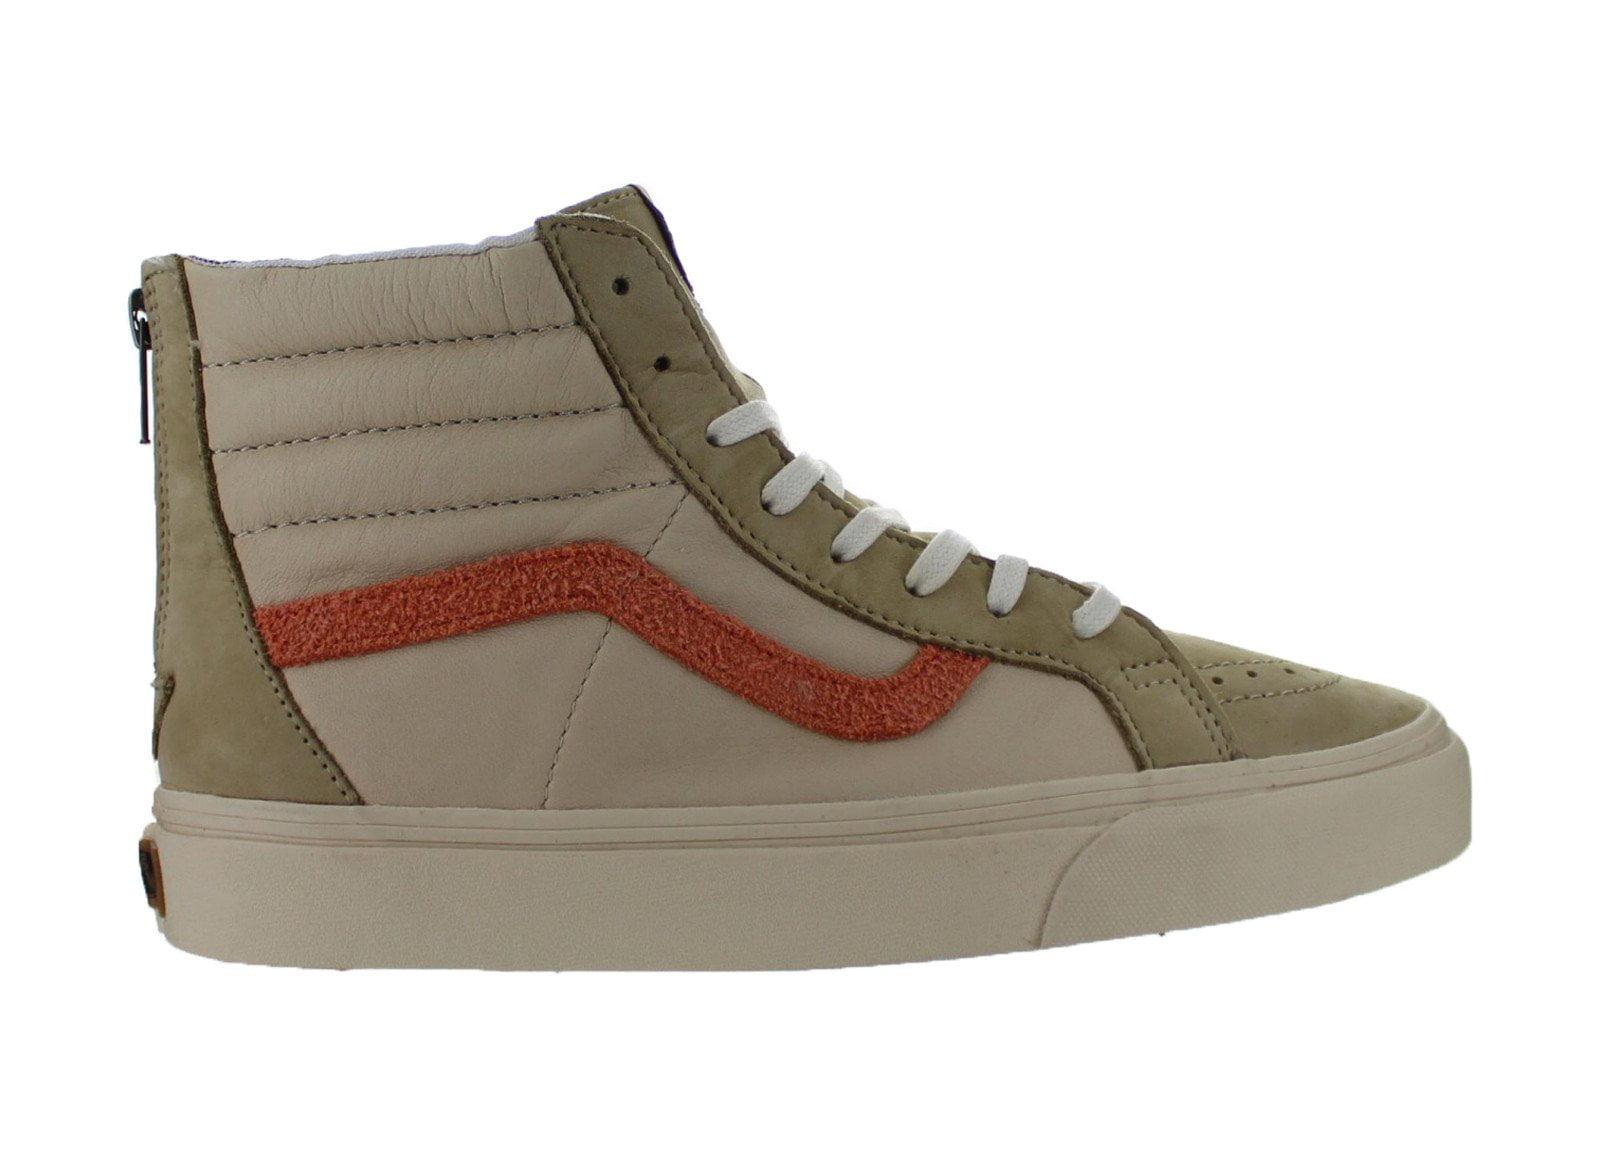 Mens Vans SK8-Hi Zip + Leather Nubuck Suede Starfish VN0004PCIFW -  Walmart.com